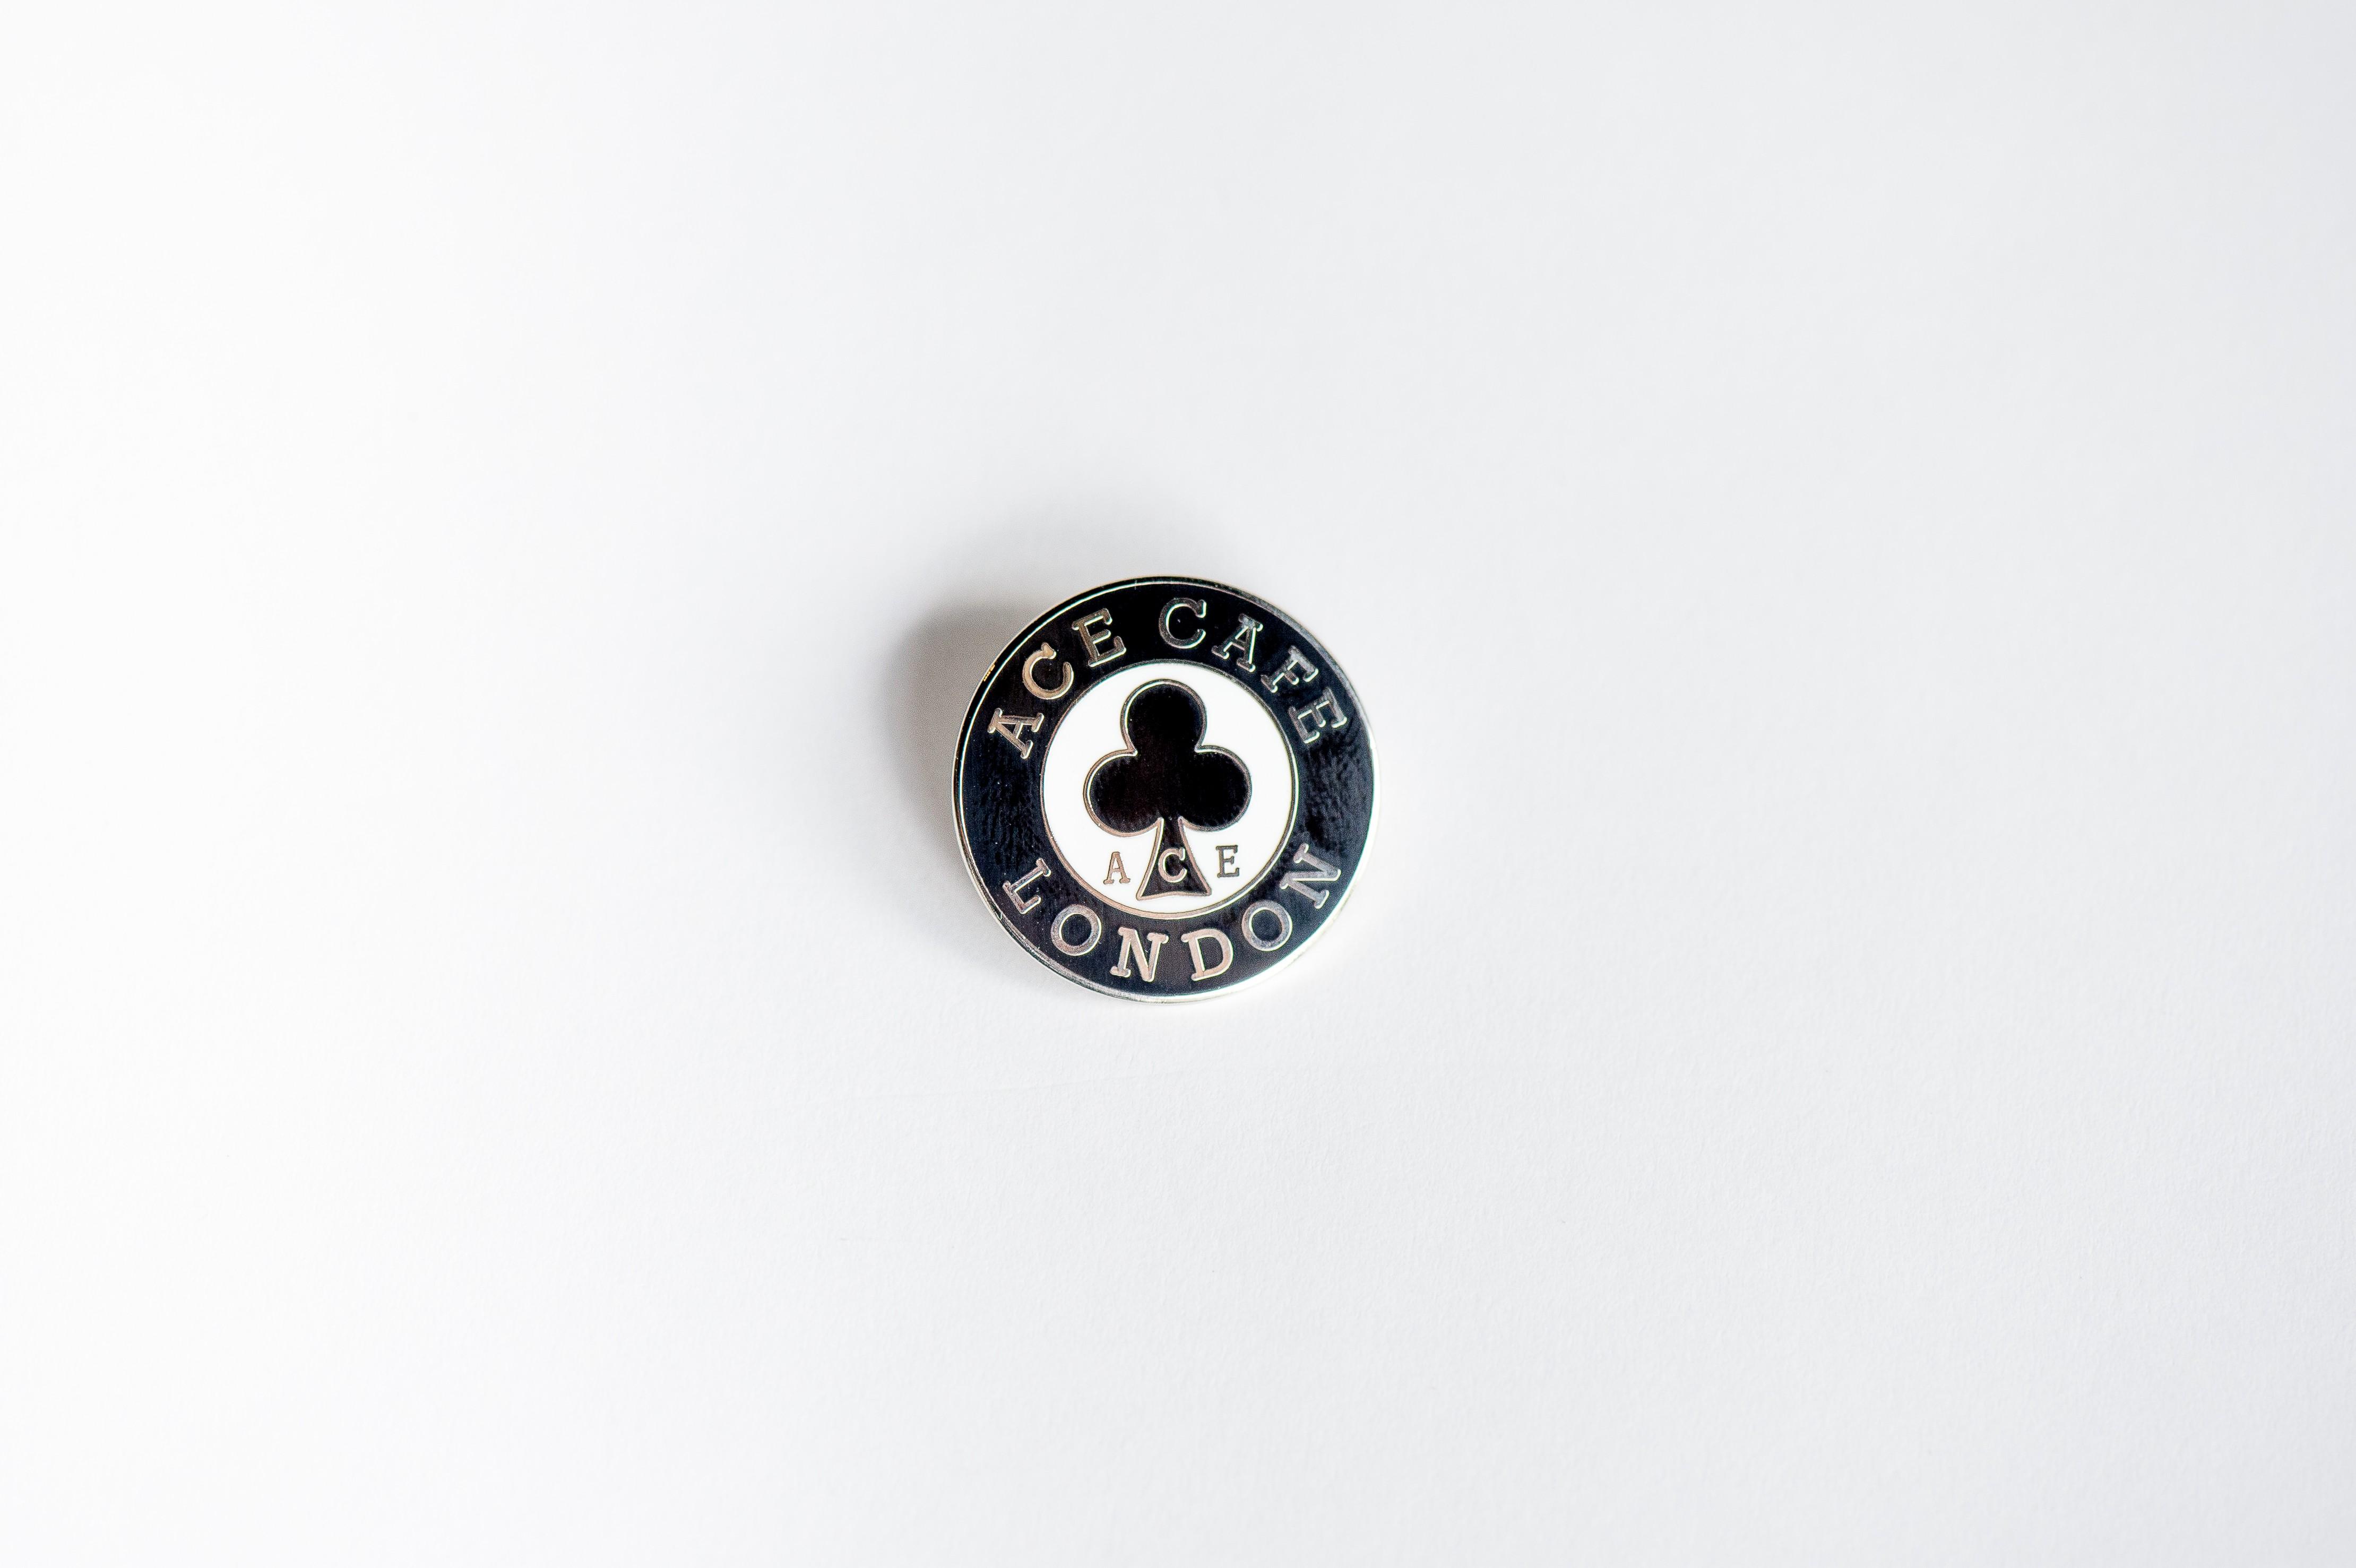 Ace Cafe London Pin